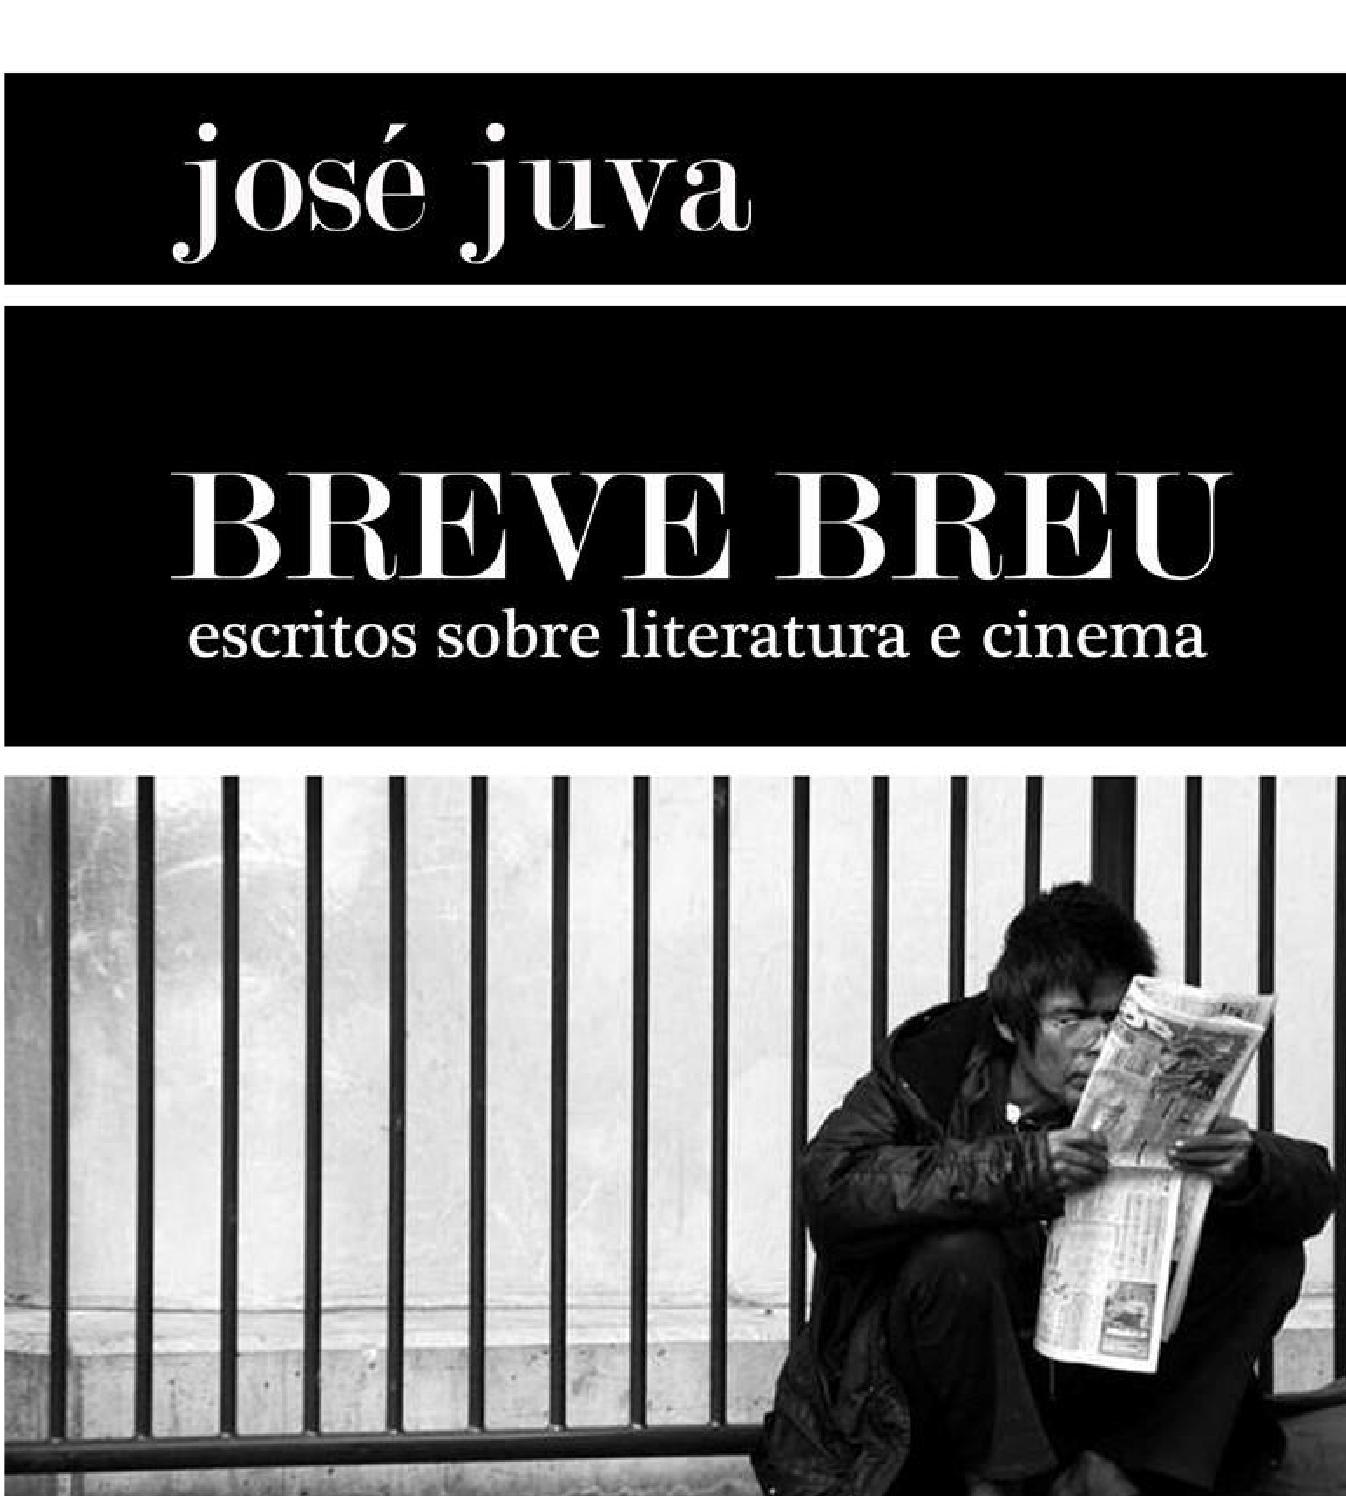 Breve breu escritos sobre literatura e cinema by outros crticos issuu fandeluxe Images